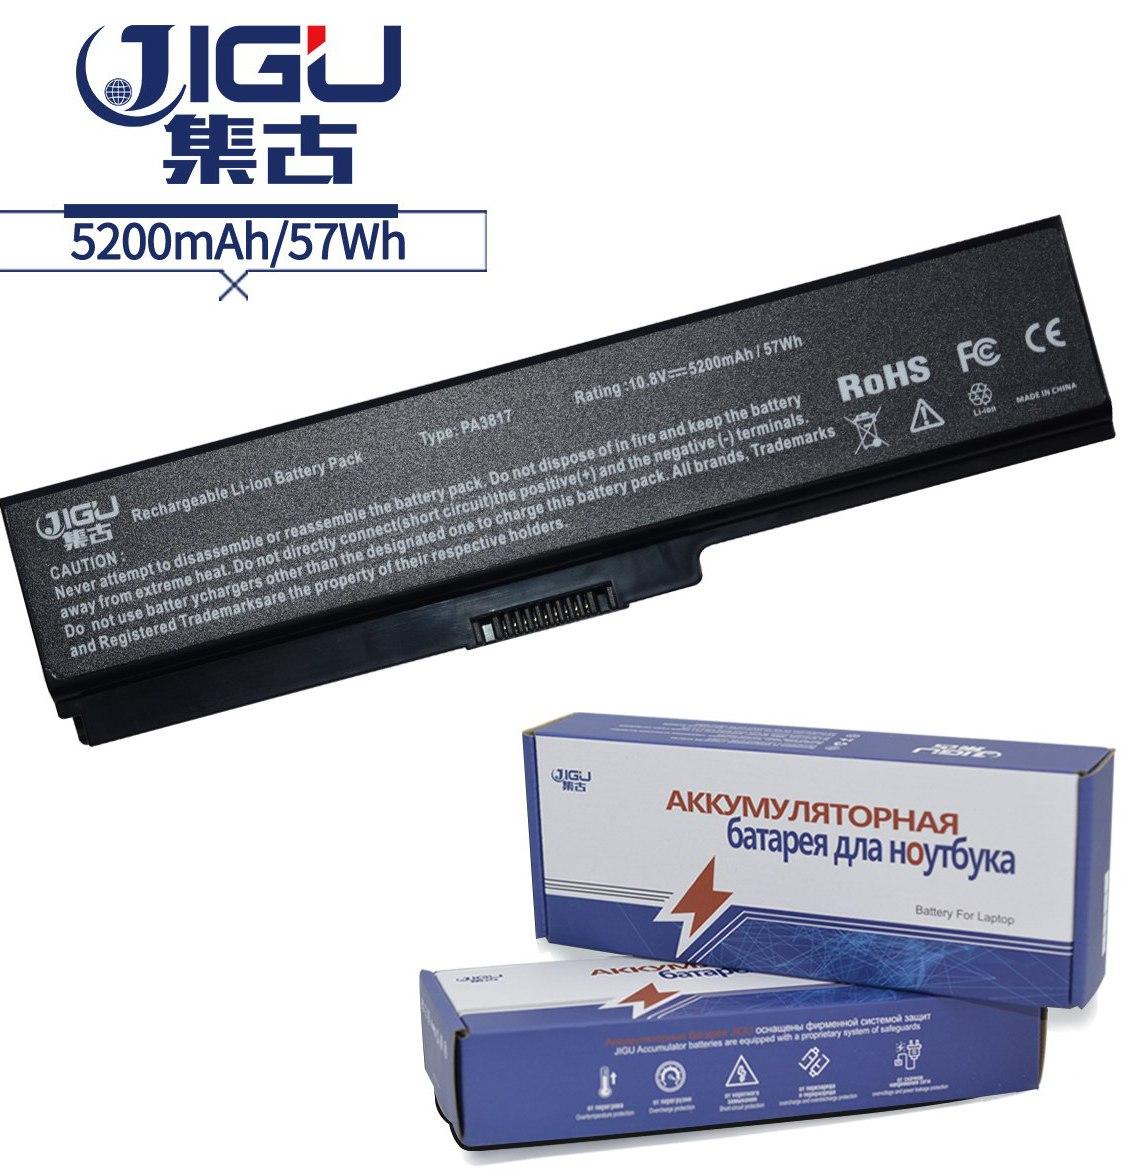 Extracteur D Air à Pile Nouveau Photos っjigu 5200 Mah Batterie D ordinateur Portable Pour toshiba L735